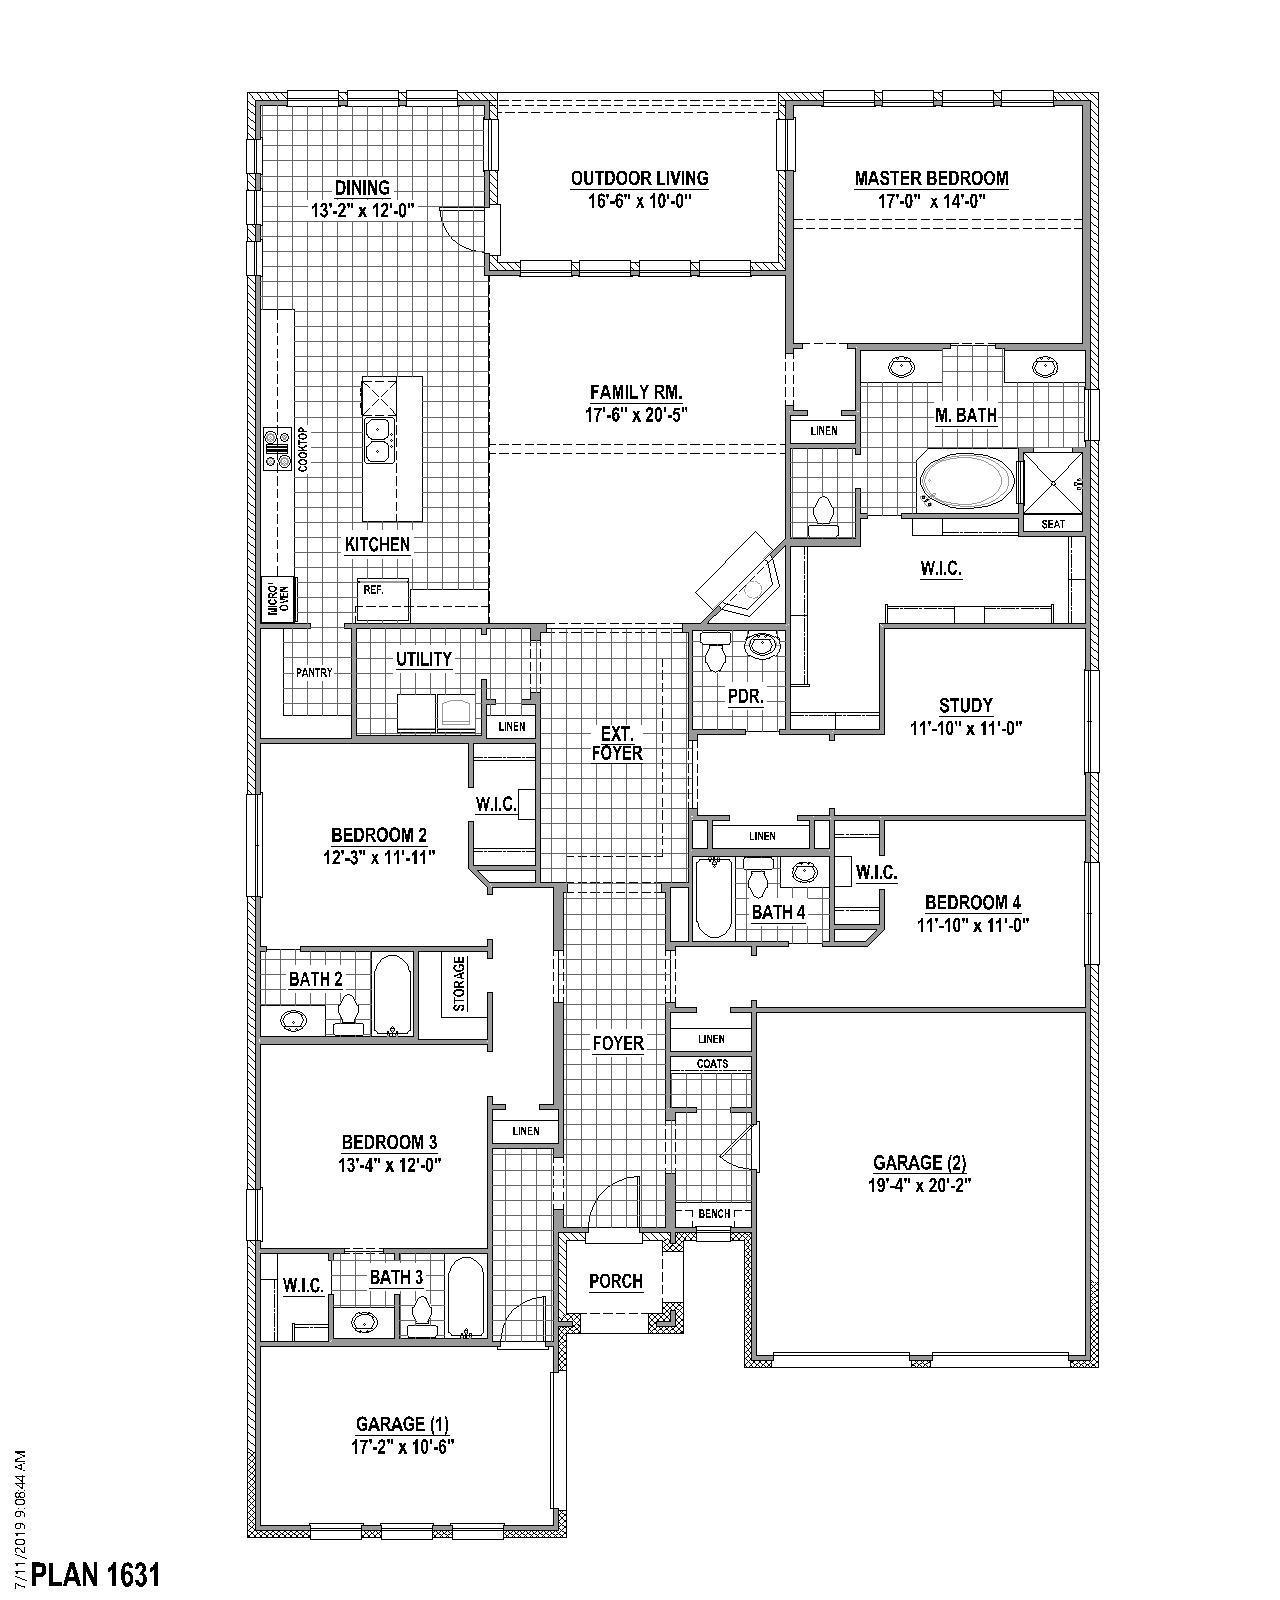 Plan 1631 1